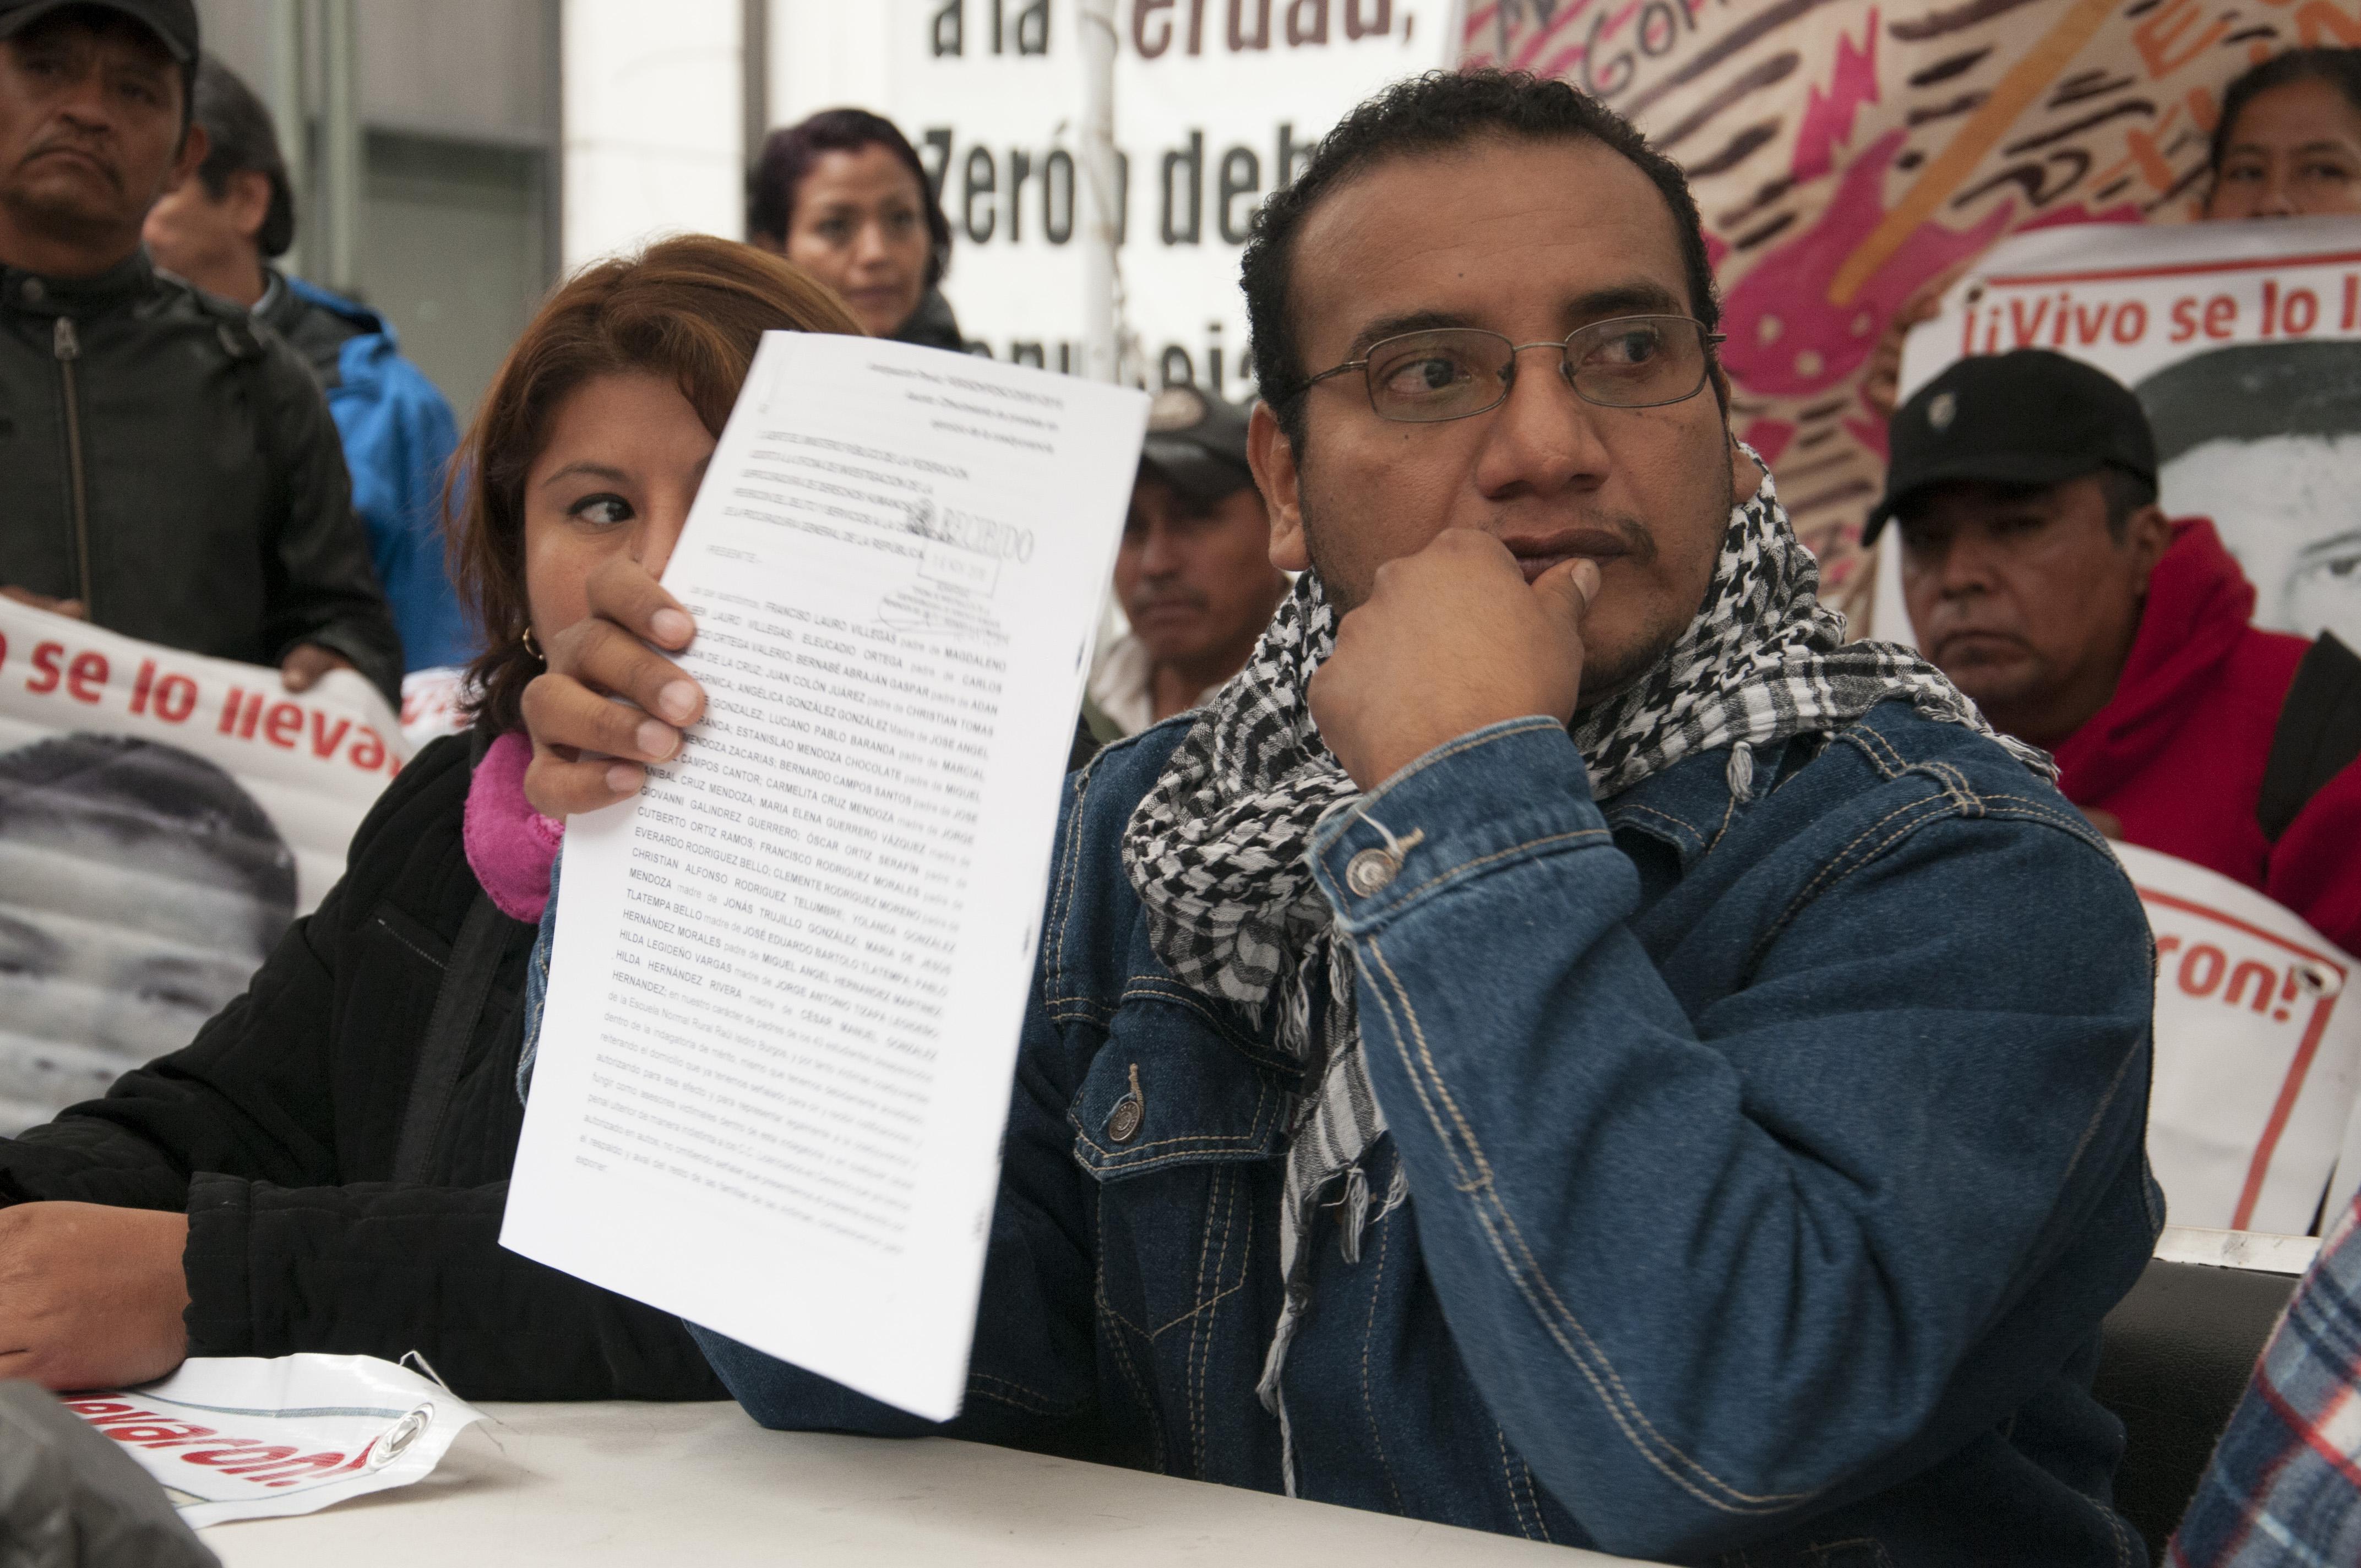 """CIUDAD DE MÉXICO, 16NOVIEMBRE2016.- Vidulfo Rosales, representante legal del caso Ayotzinapa y padres de los 43 estudiantes desaparecidos de la Normal Rural """"Raúl IsIdro Burgos"""", presentaron una petición formal ante la Procuraduria General de la República (PGR) para pedir que investigue al jefe de la Agencia de Investigación Criminal (AIC), Omar Hamid García Harbuch, a quien ellos señalan que tiene supuestos vículos con el grupo delictivo """"Guerrero Unidos"""".  FOTO: PAULINA NEGRETE /CUARTOSCURO.COM"""